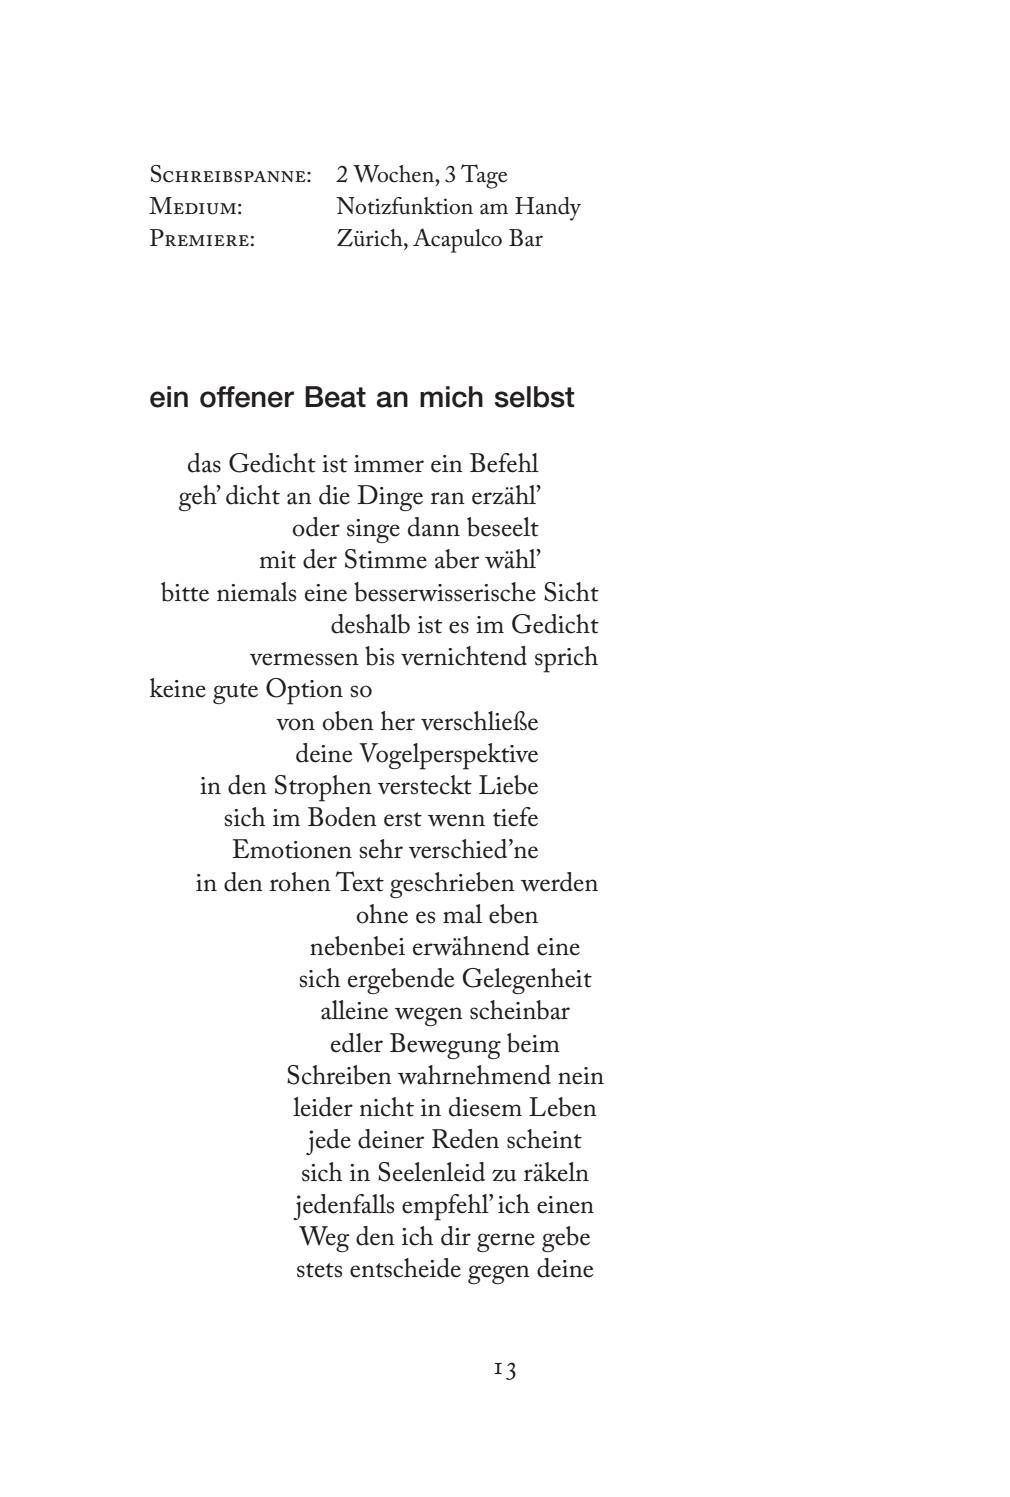 Gedicht selber schreiben